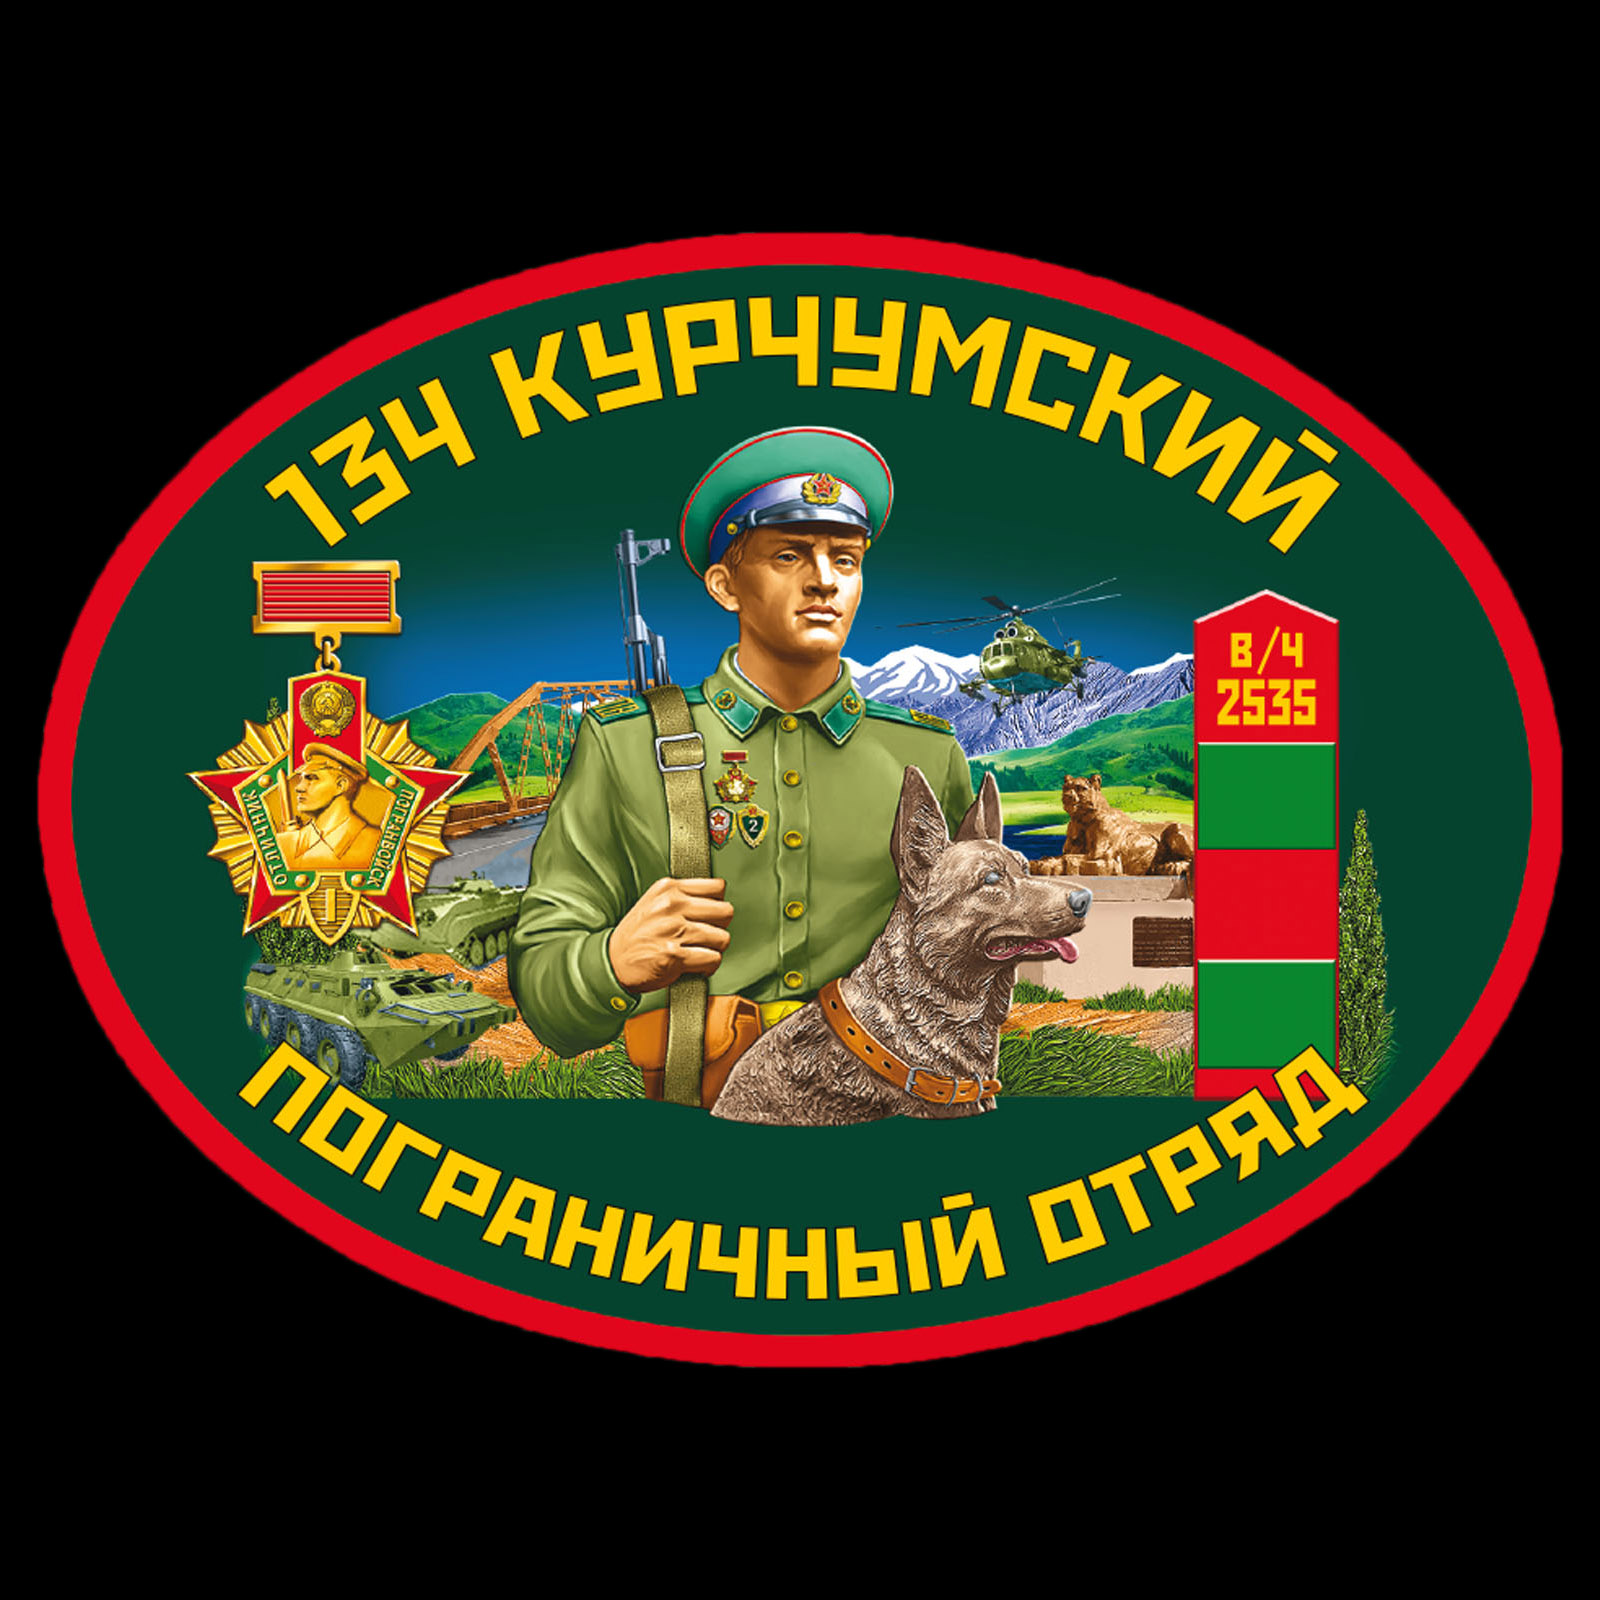 Чёрная футболка 134 Курчумский пограничный отряд